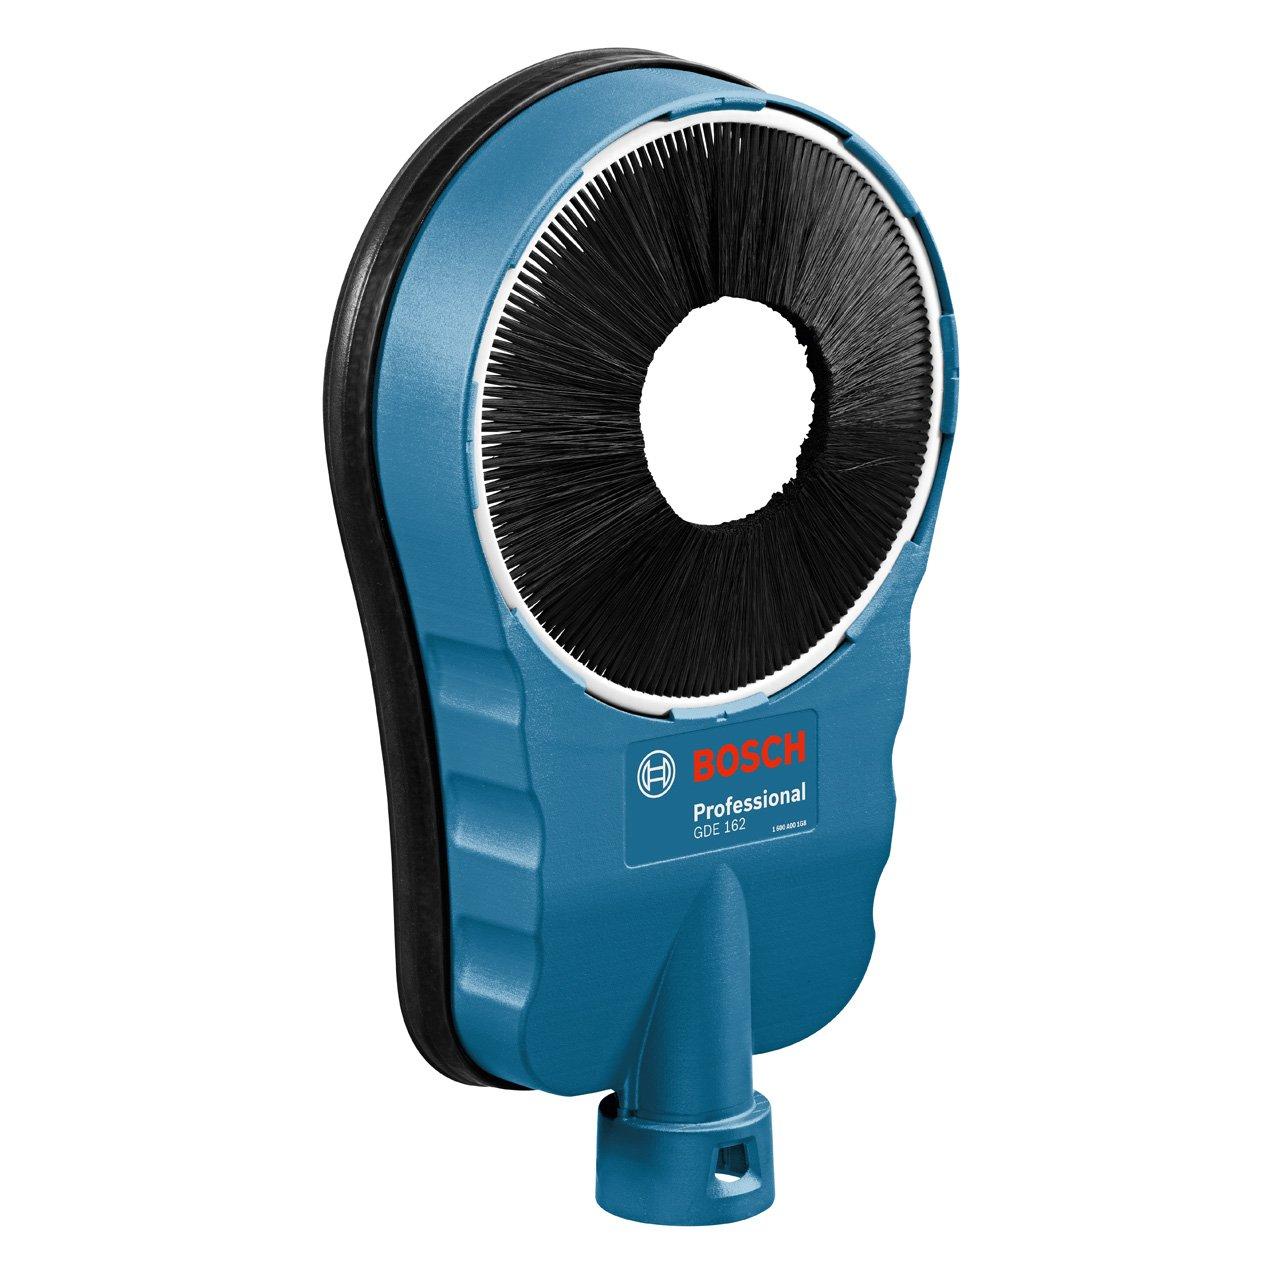 Bosch Professional GDE 162, allen bohrenden Gerä ten Kompatibel mit, max. 162 mm Bohrdurchmesser, 500 g Gewicht 1600A001G8